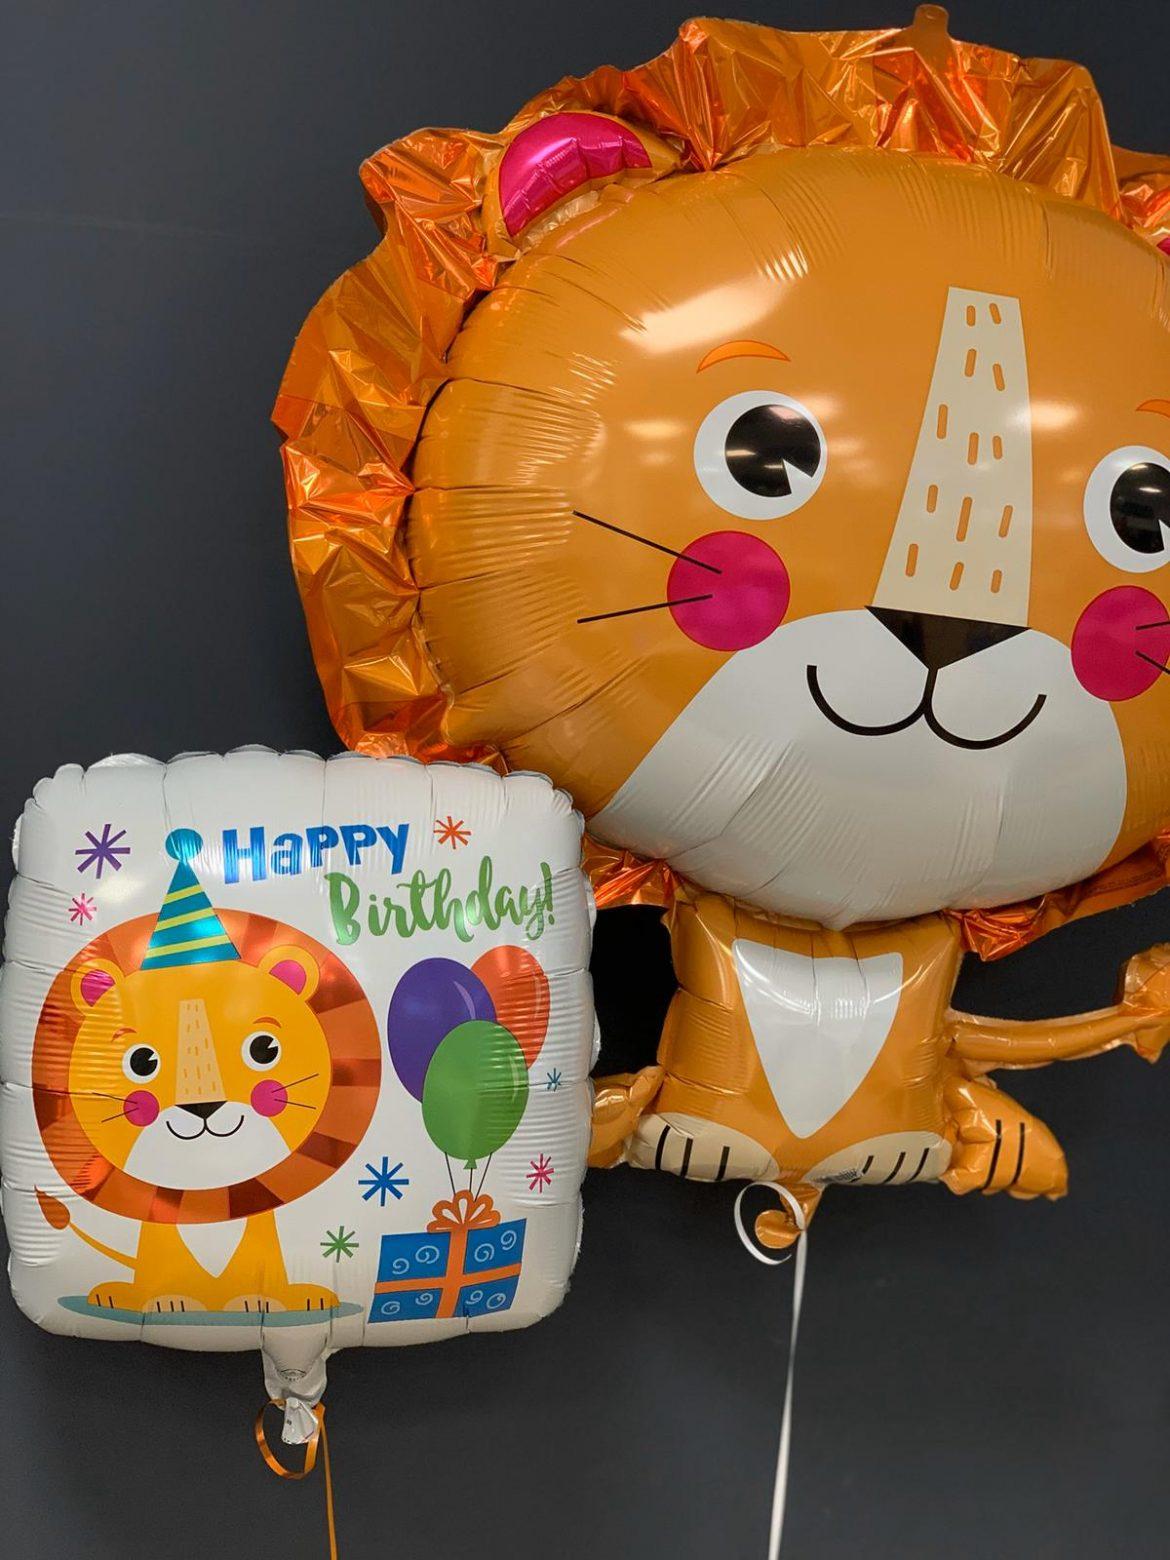 Löwe Folienballon €6,90<br />Happy Birthday €5,50 1